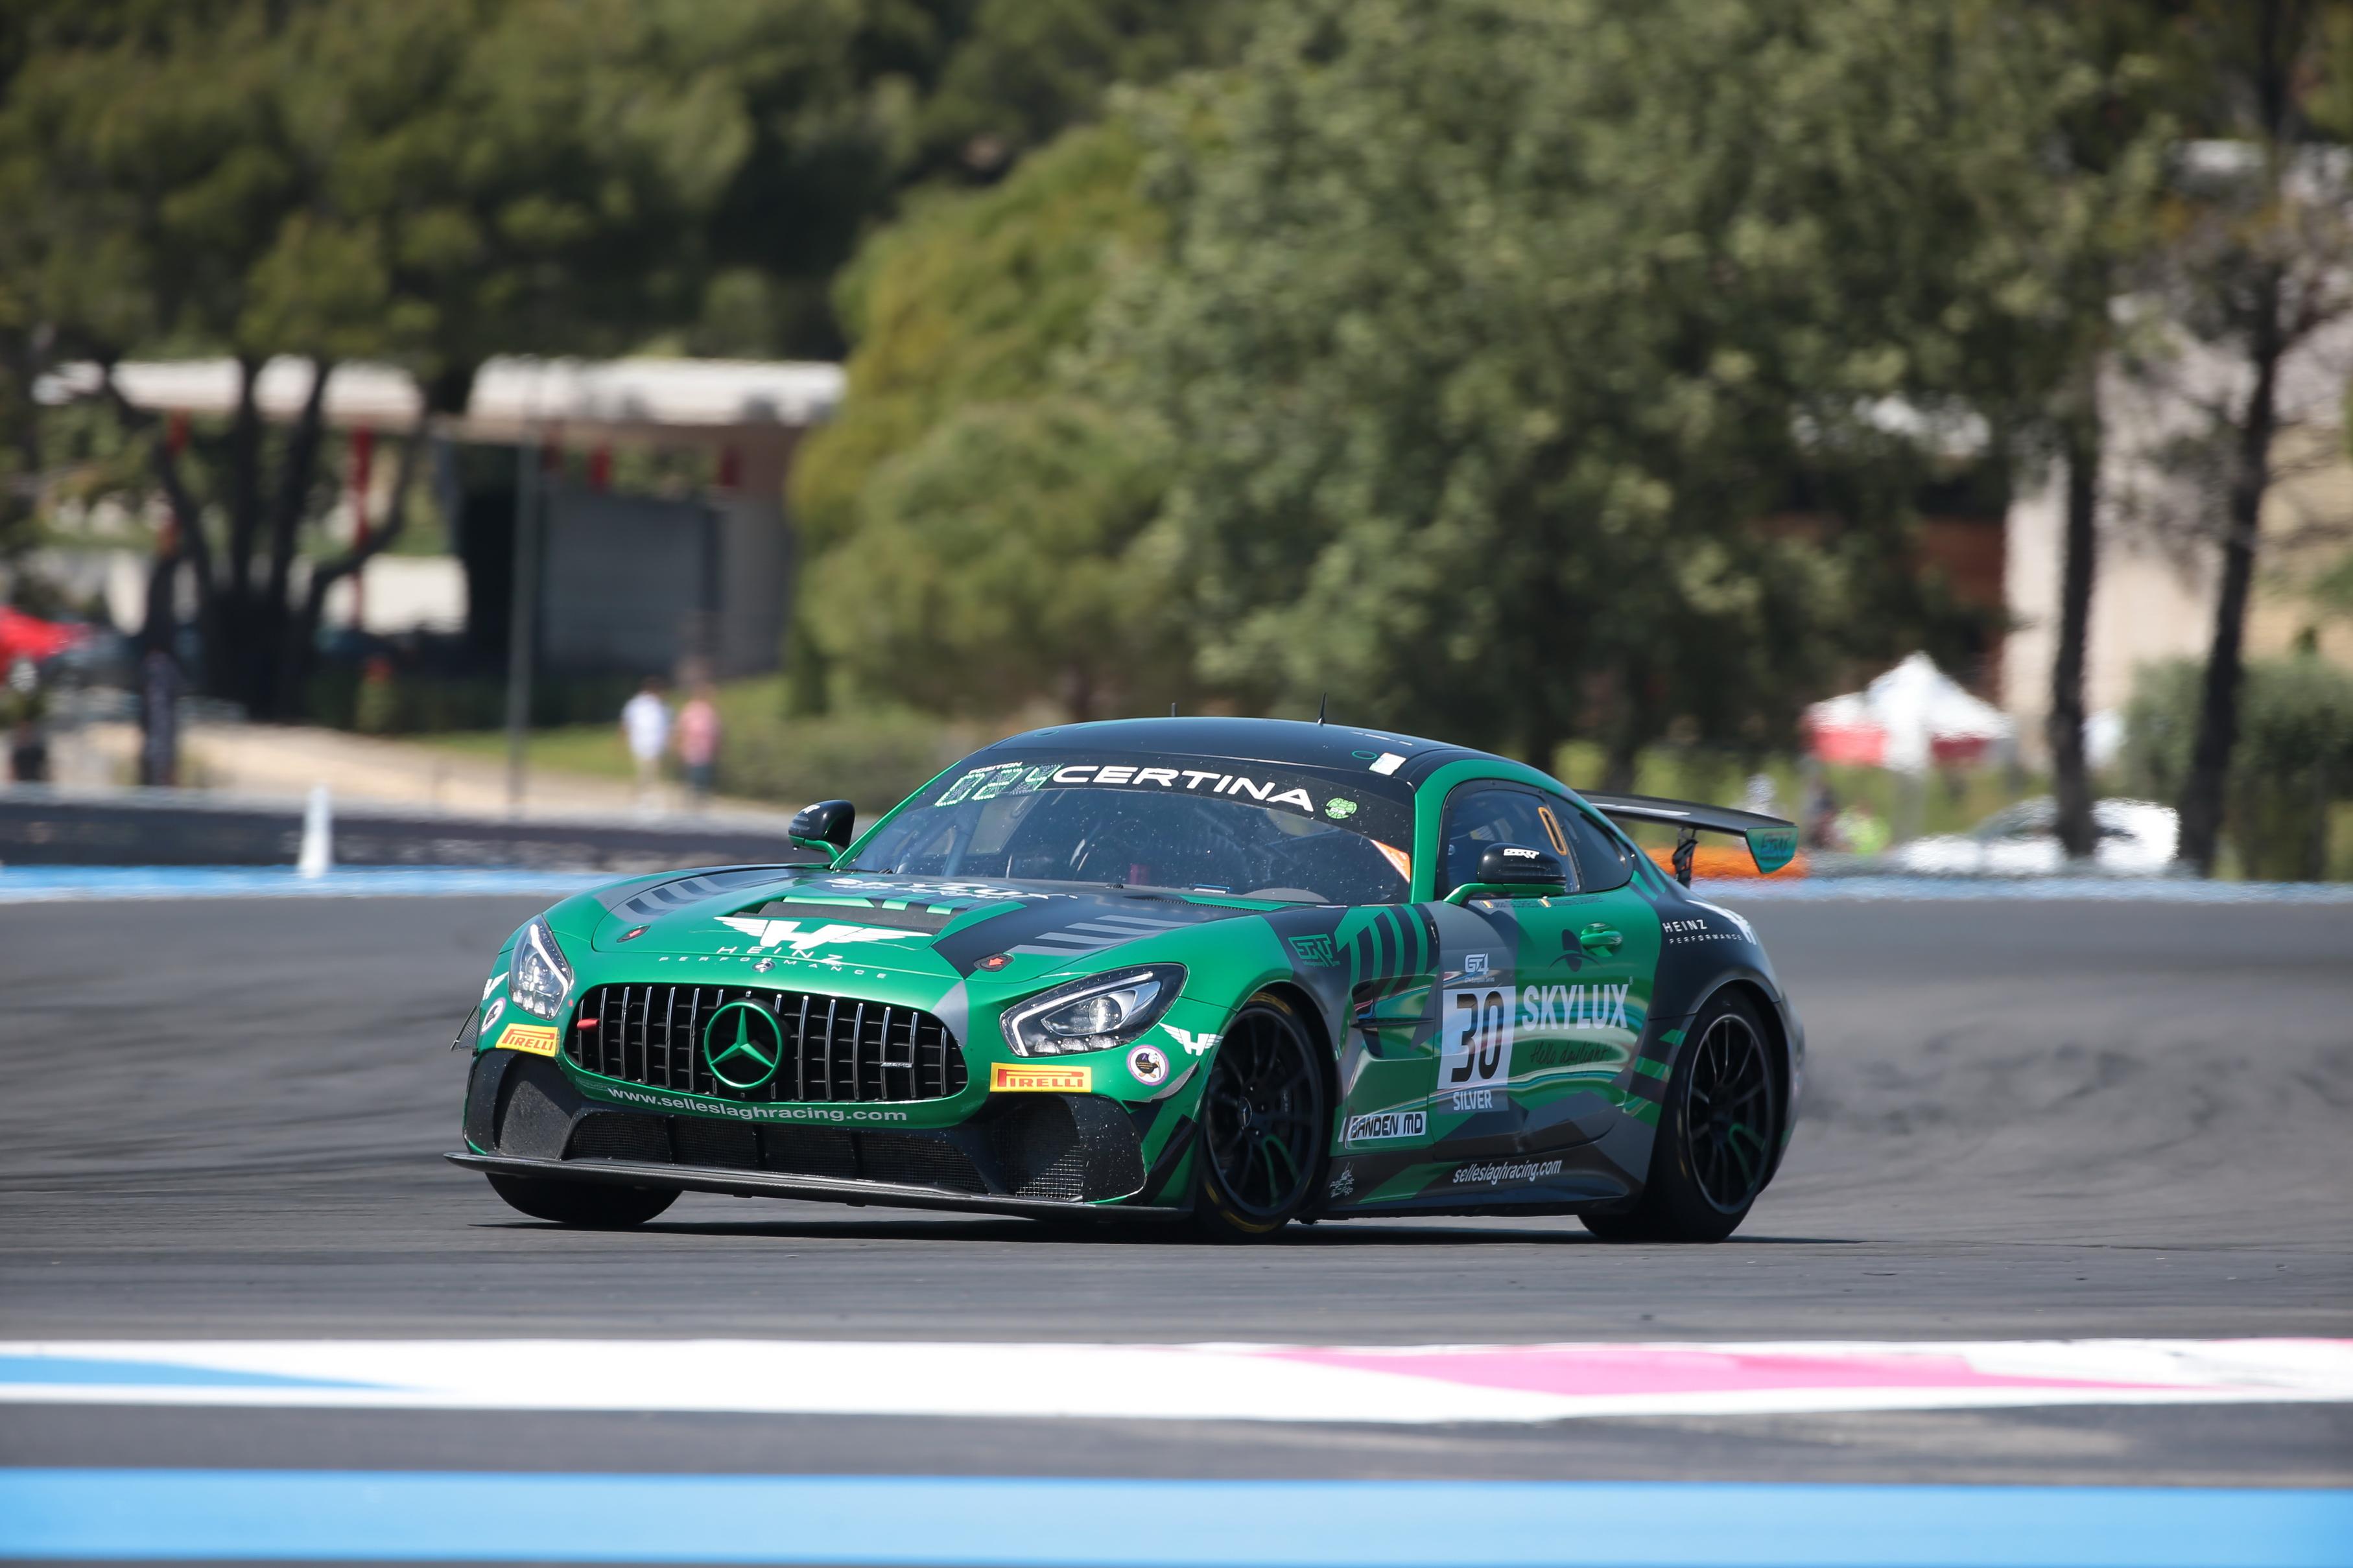 Veelbelovende puntenbuit voor SRT in Paul Ricard